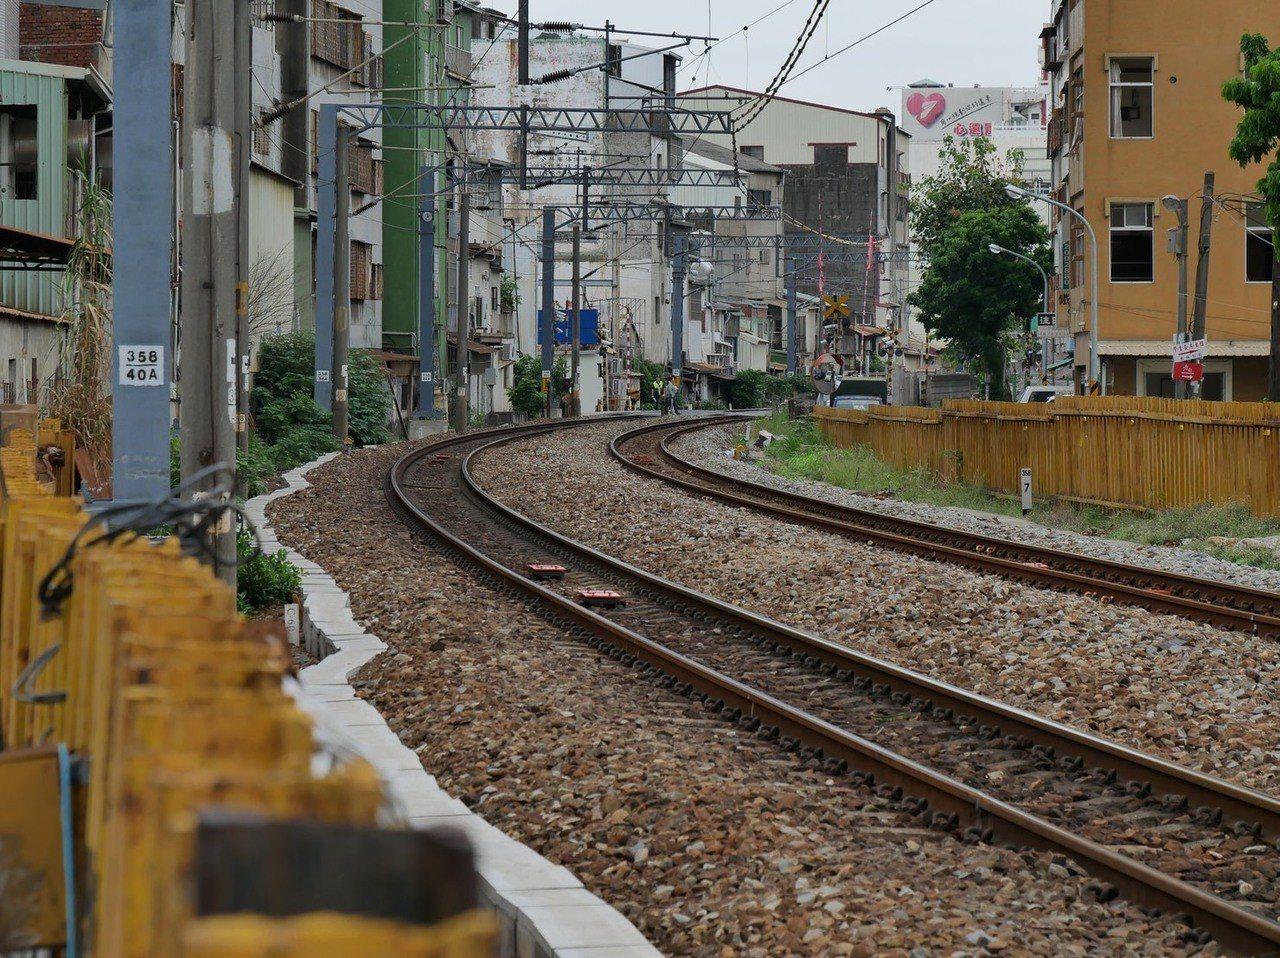 台灣鐵道的極西點據文史人士考證就在即將拆除的台南鐵路地下化路段,位在青年路口附近...